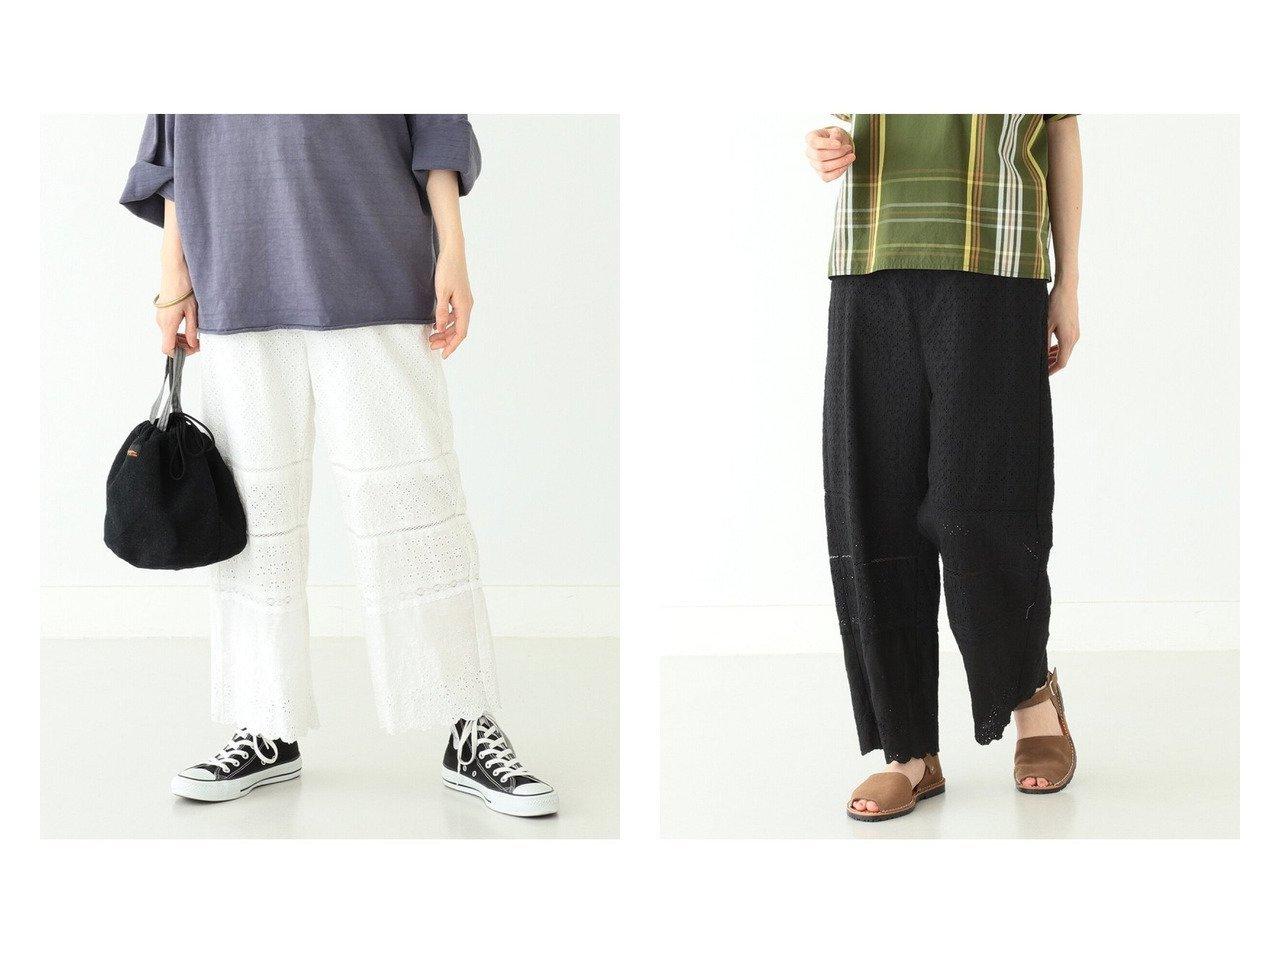 【BEAMS BOY/ビームス ボーイ】のカットワーク パンツ 【パンツ】おすすめ!人気、トレンド・レディースファッションの通販 おすすめで人気の流行・トレンド、ファッションの通販商品 メンズファッション・キッズファッション・インテリア・家具・レディースファッション・服の通販 founy(ファニー) https://founy.com/ ファッション Fashion レディースファッション WOMEN パンツ Pants S/S・春夏 SS・Spring/Summer インナー カットワーク シンプル ジーンズ スモック セットアップ ボレロ ワーク 定番 Standard 春 Spring |ID:crp329100000039512